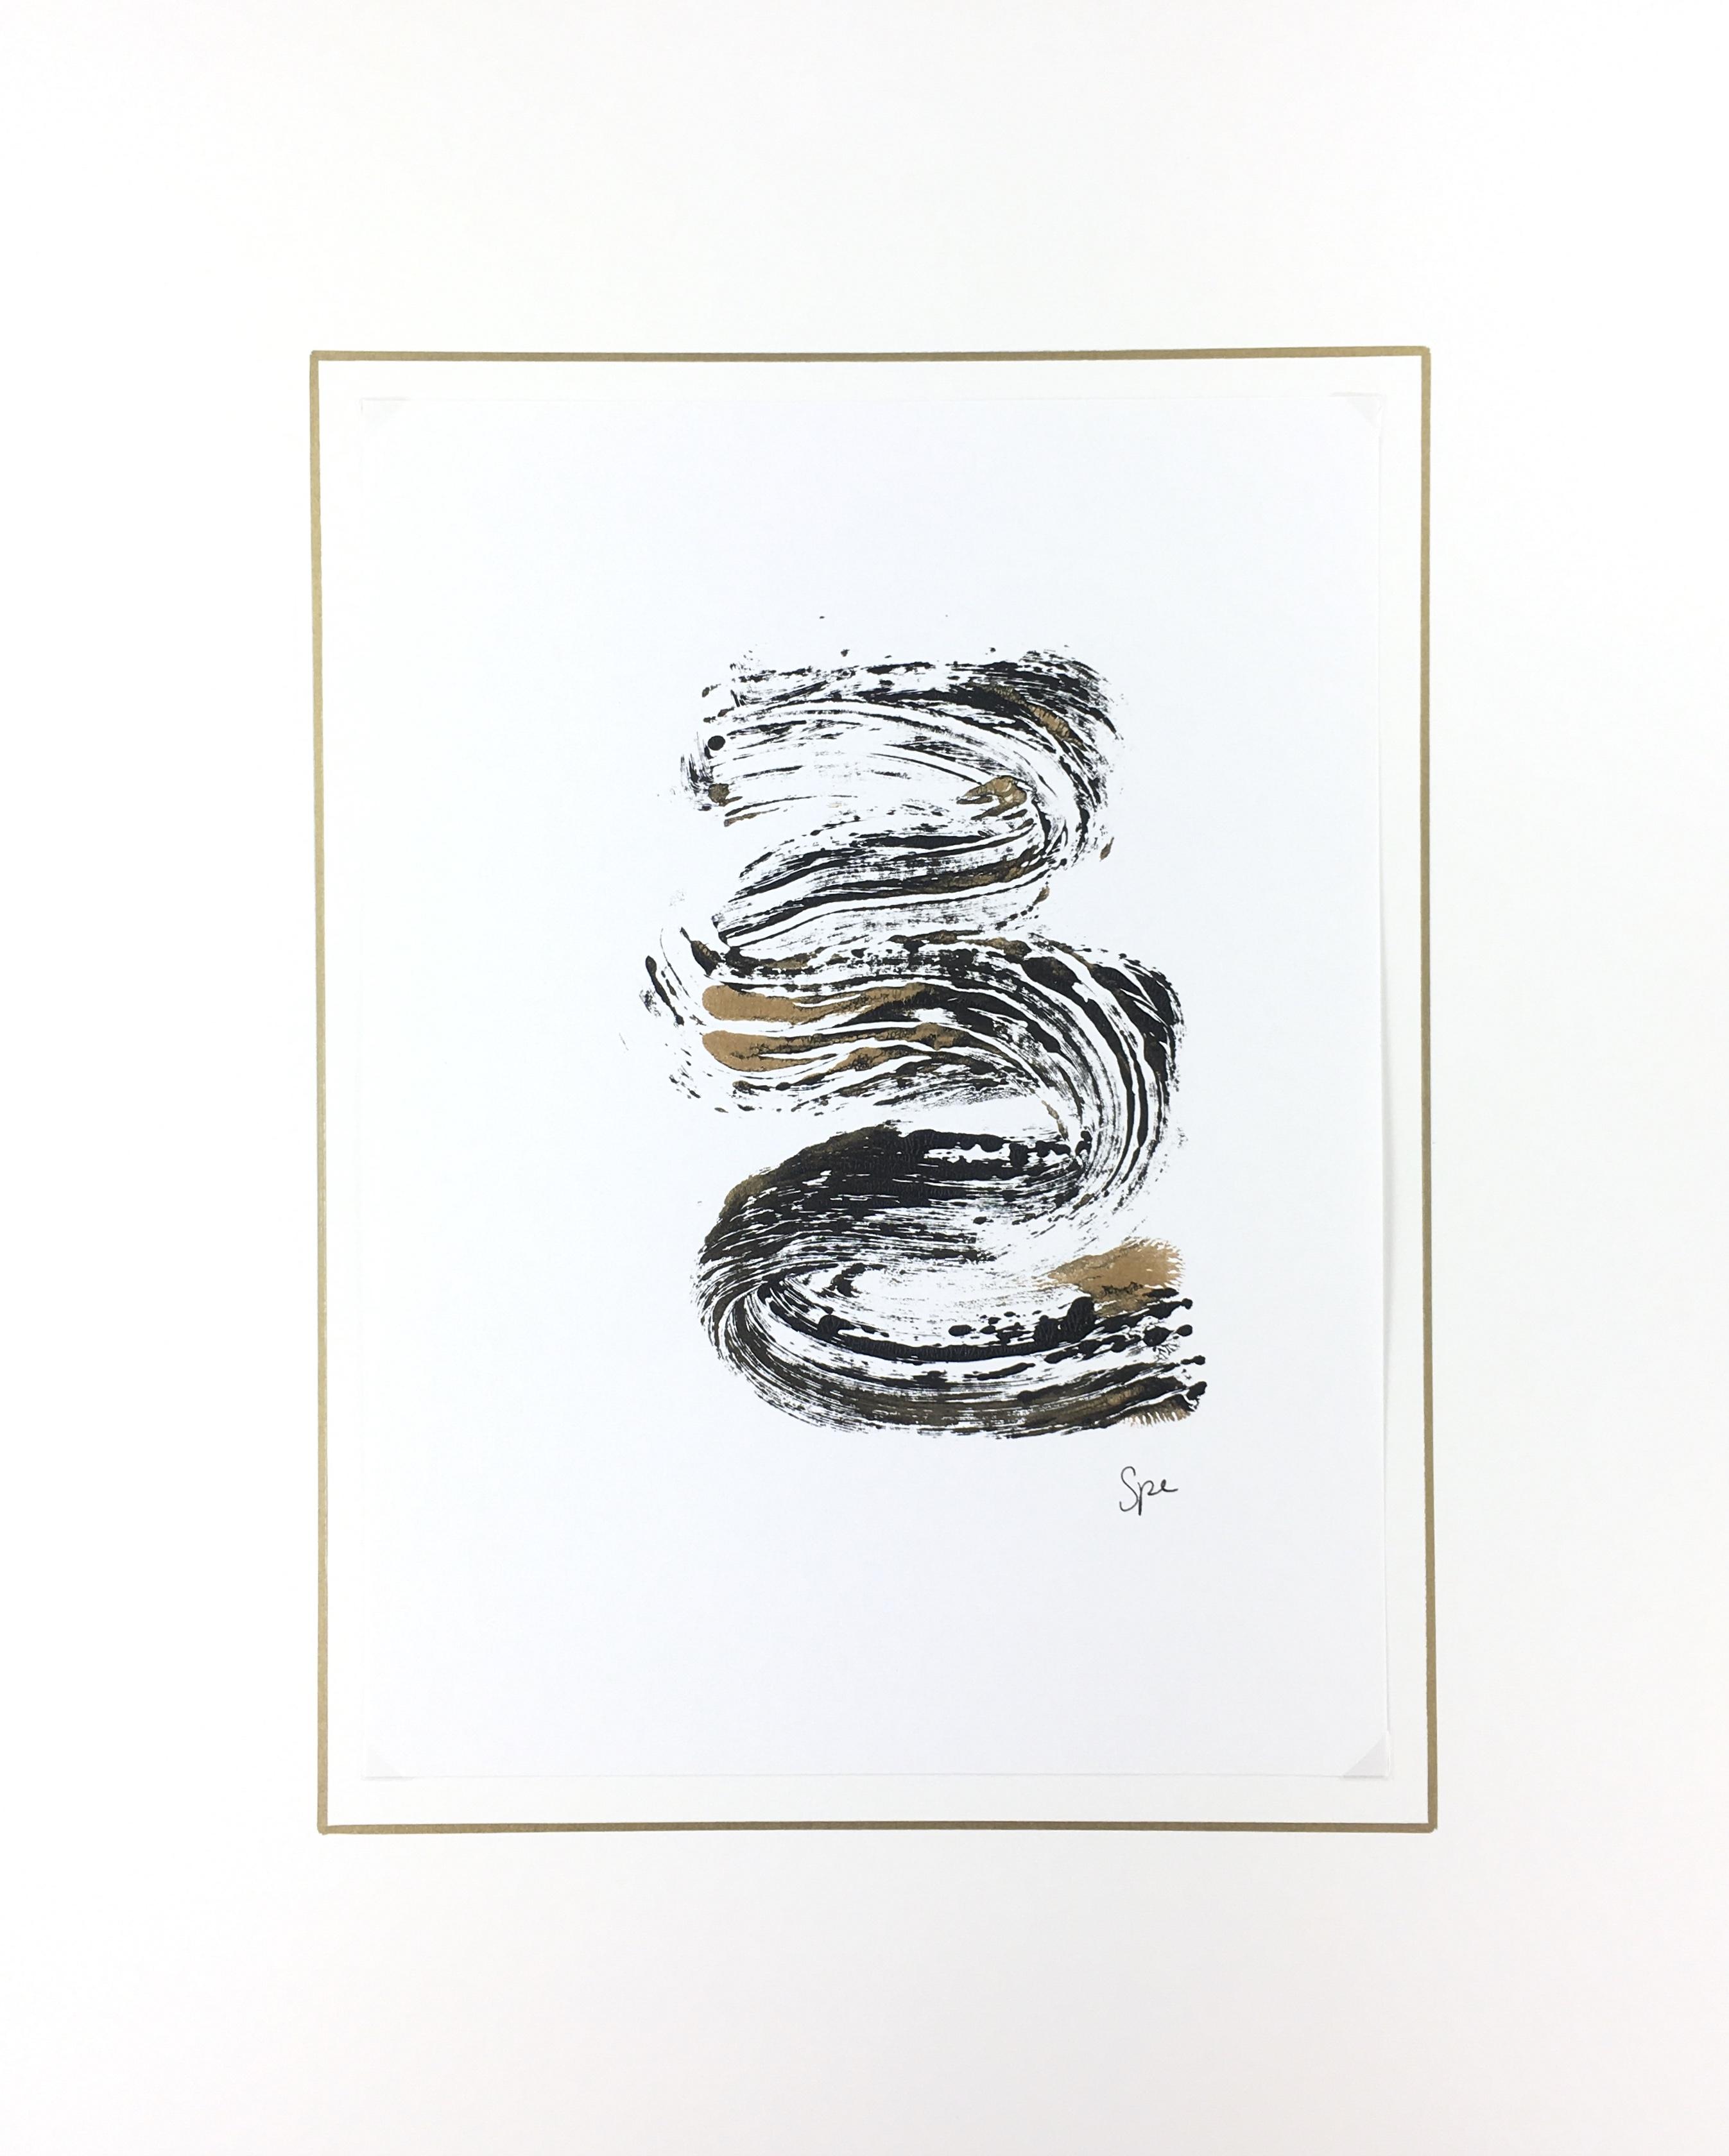 Modern Original Art - Flow, Spe, 2018